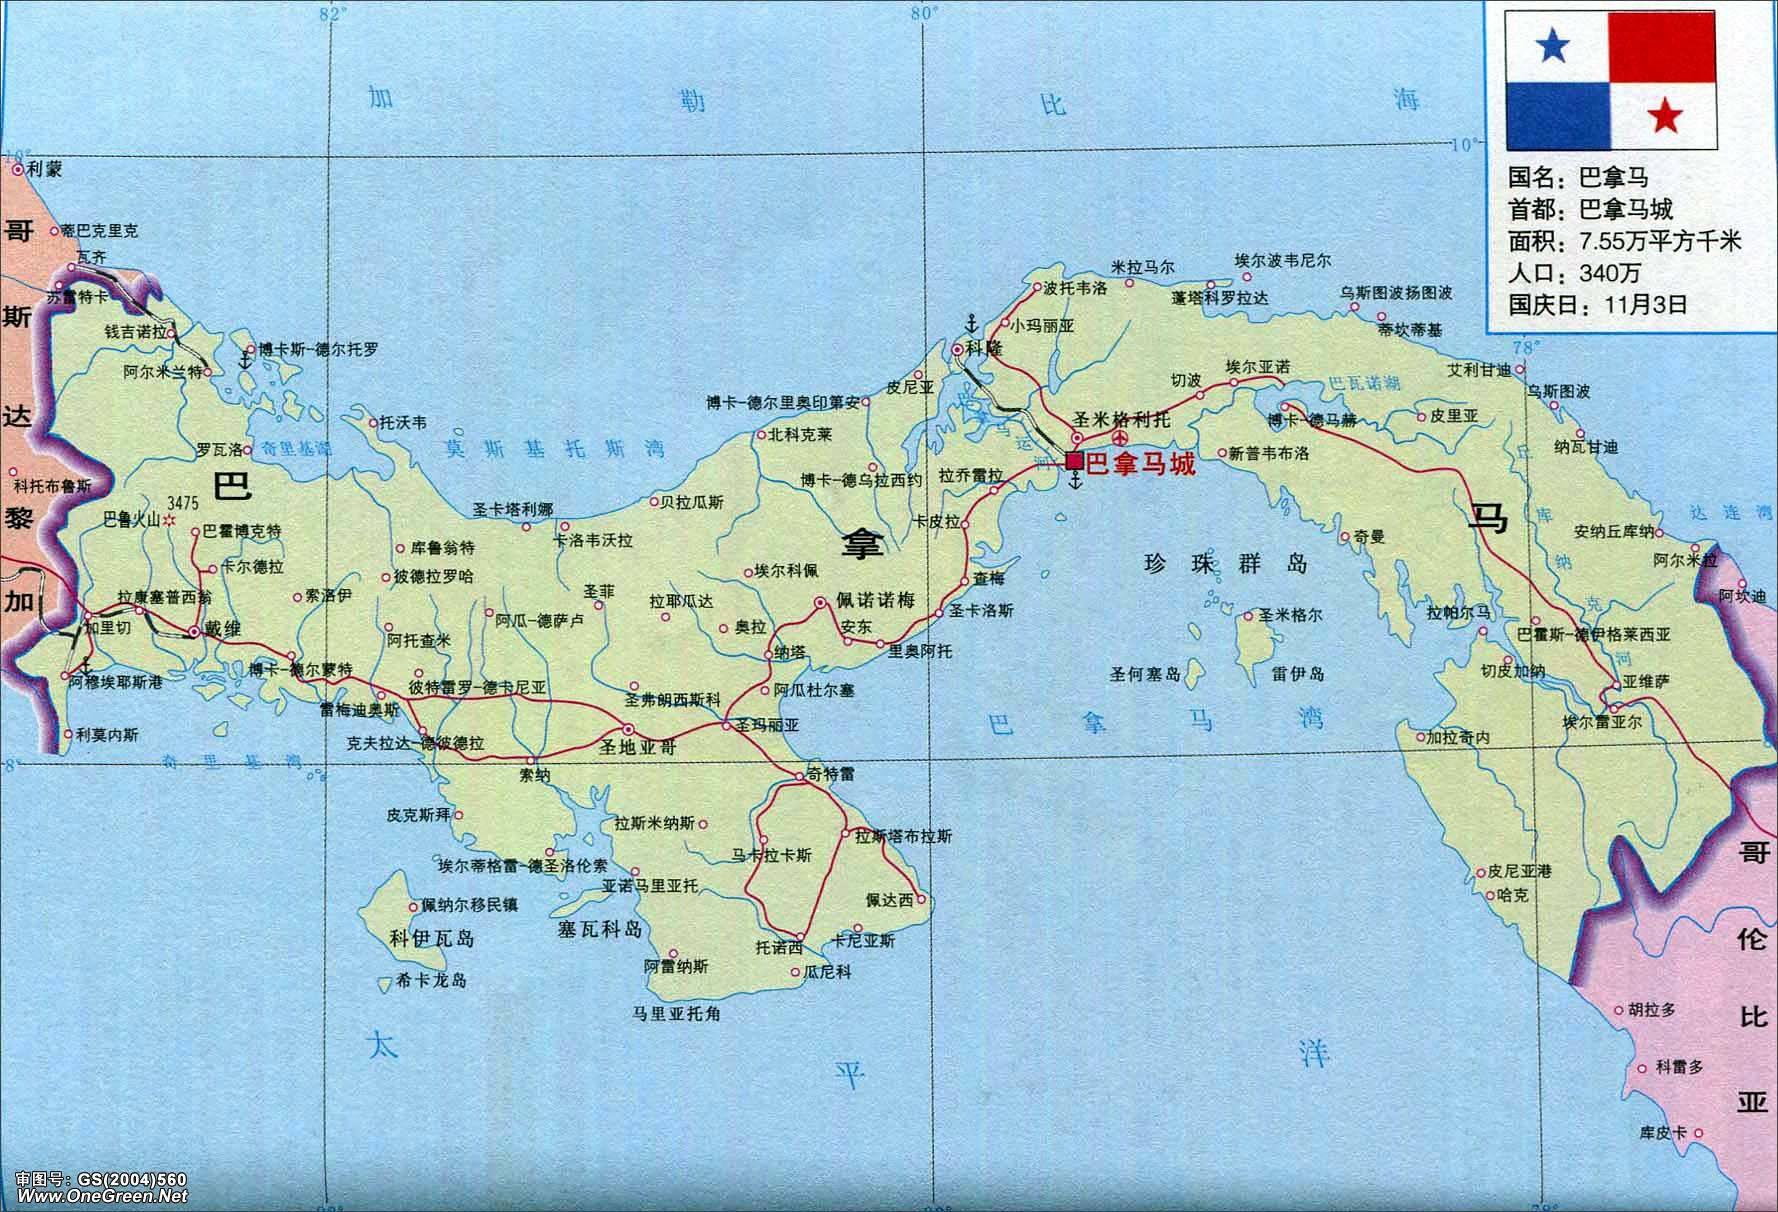 地图库 世界地图 北美洲 巴拿马 >> 巴拿马高清中文全图    世界各国